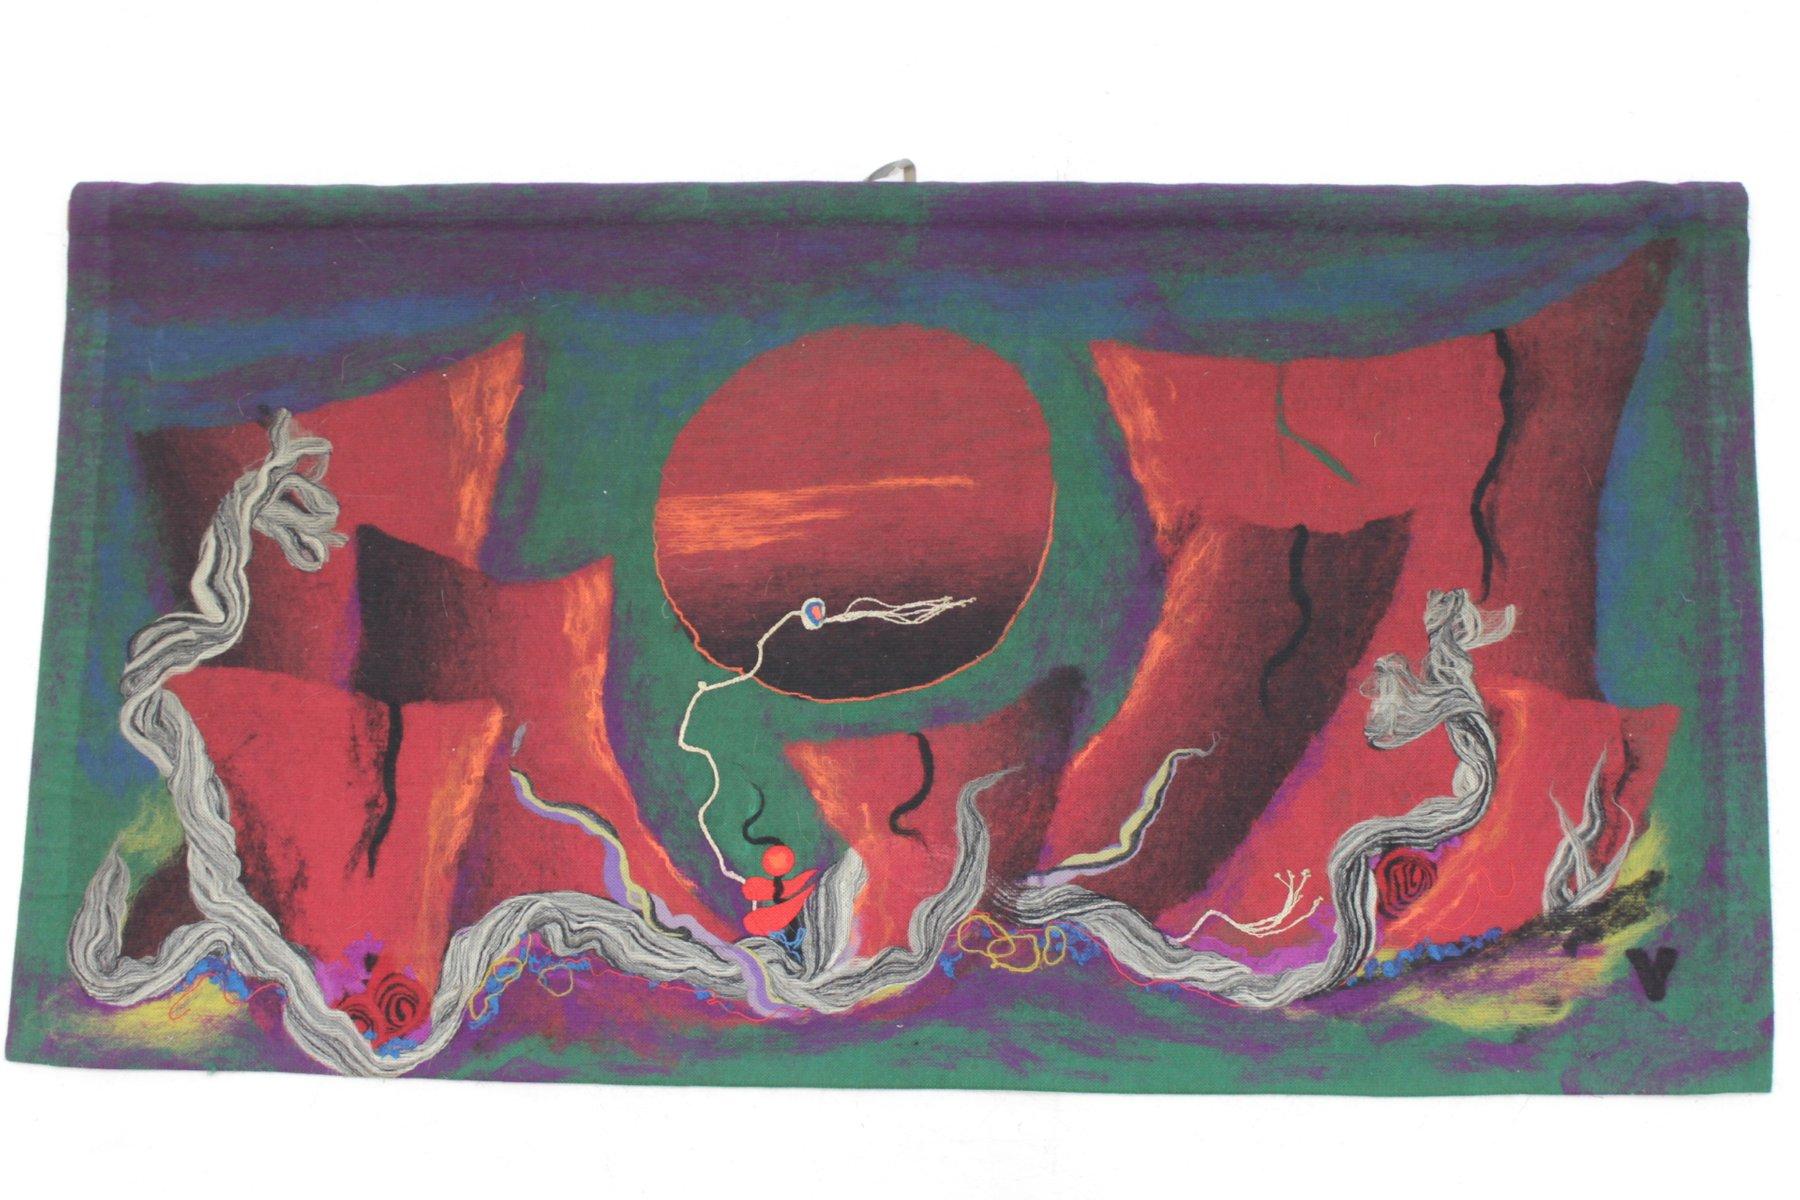 Großer Tschechoslowakischer Wandteppich von M. & B. Vrzalovi für Art P... | Heimtextilien > Teppiche > Wandteppich | Mehrfarbig | Wolle